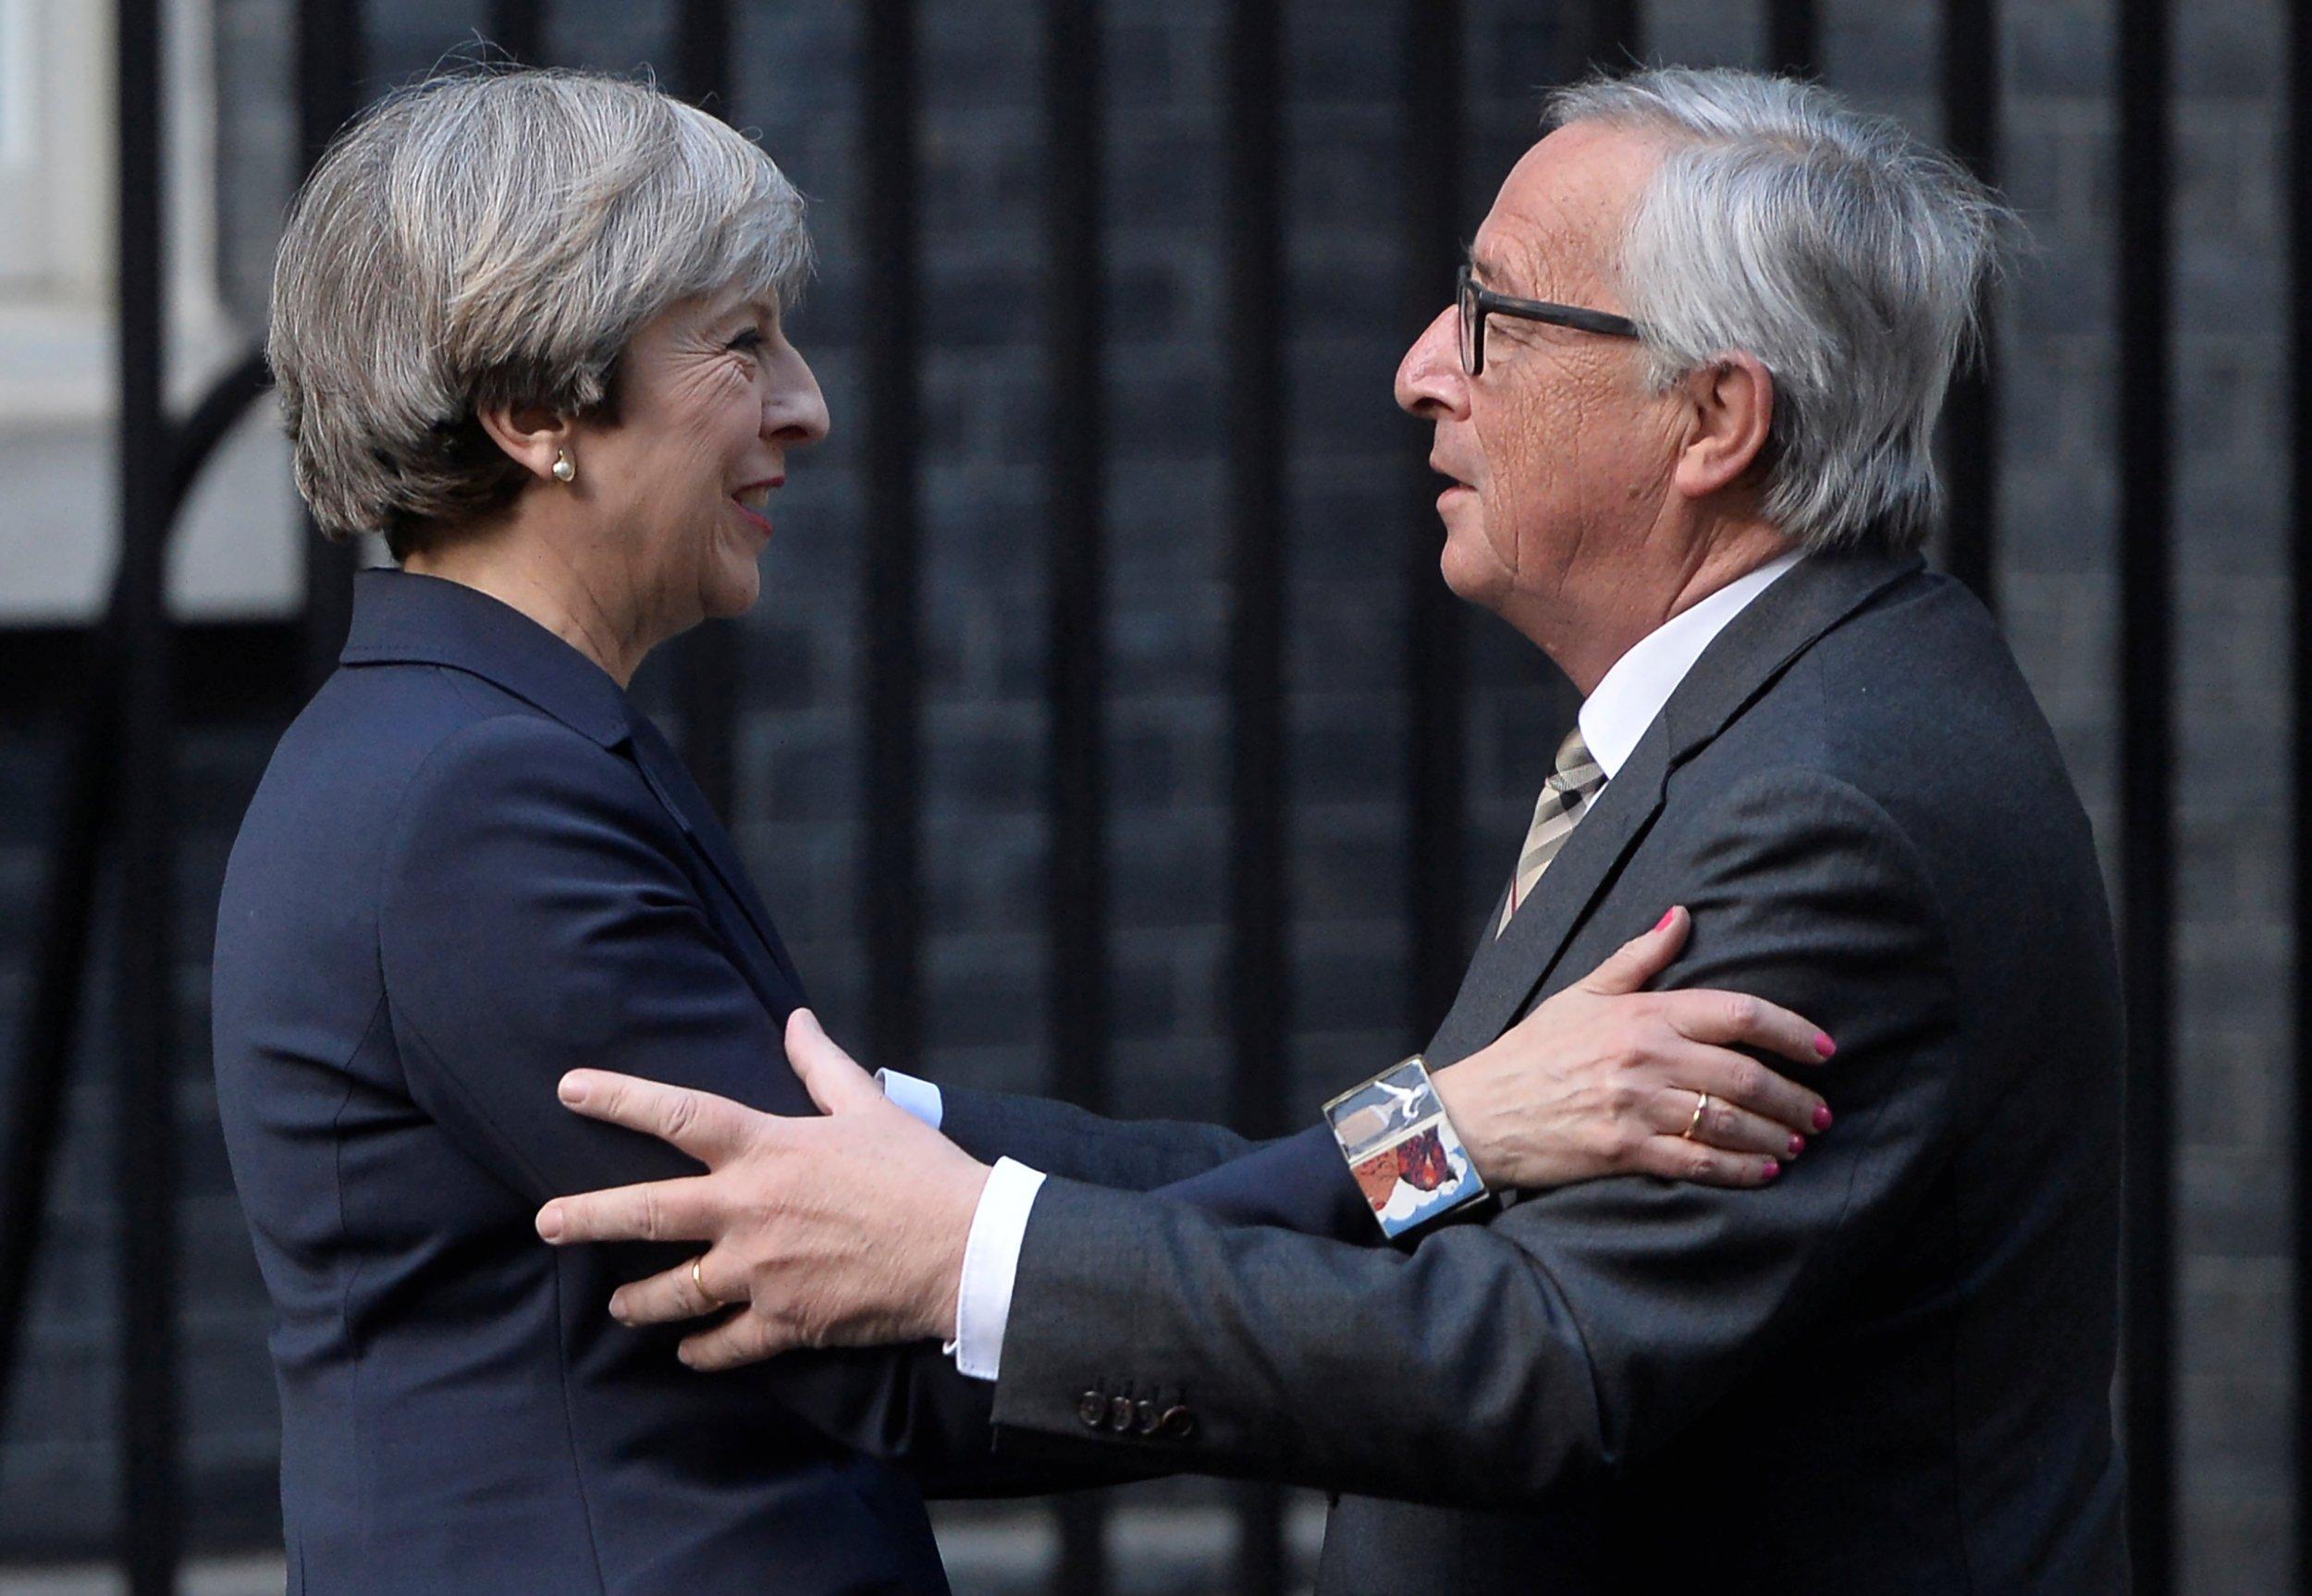 05_02_May_Juncker_01